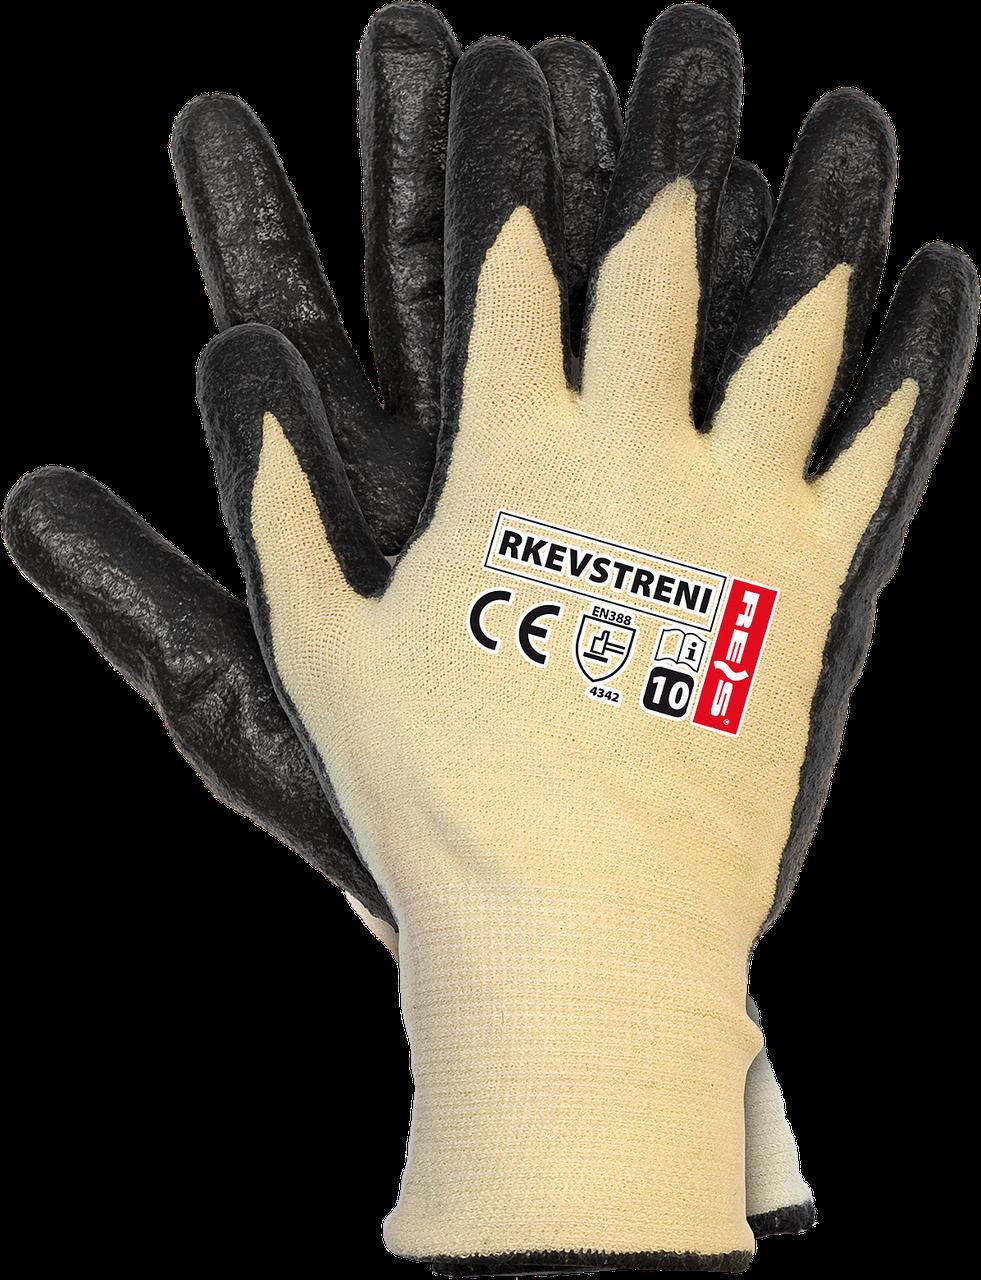 Защитные перчатки с покрытием из нити стрейч-кевлар RKEVSTRENI YB Reis Польша